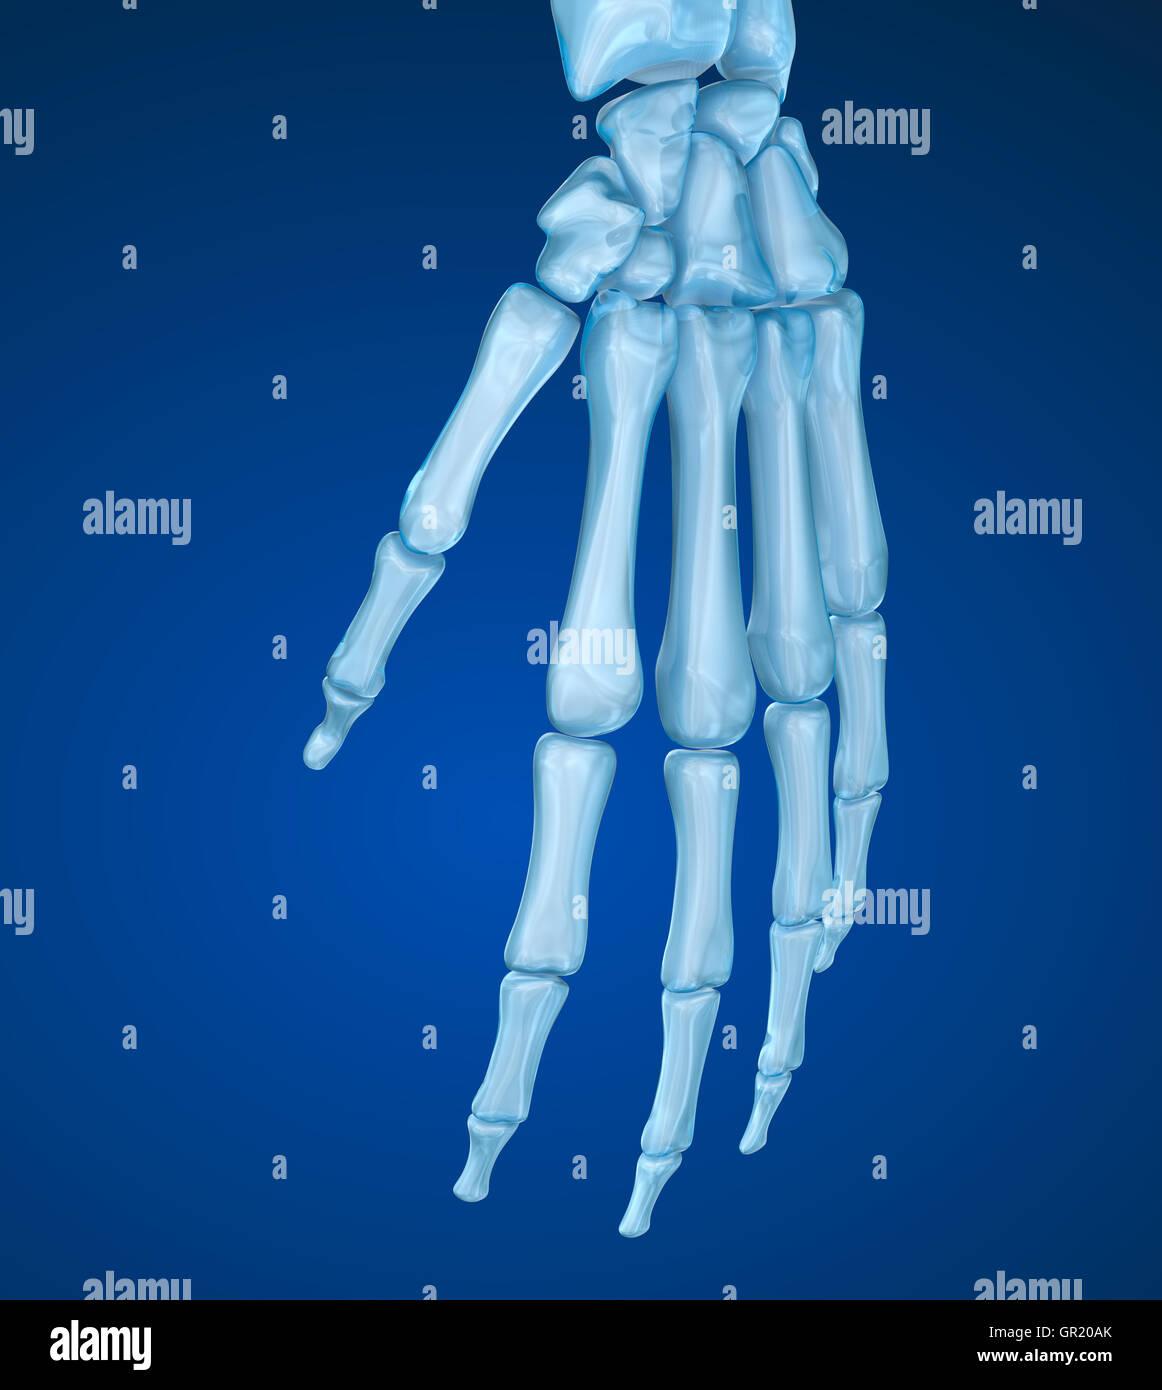 Menschlichen Handgelenk Anatomie. Medizinisch genaue 3D-Illustration ...